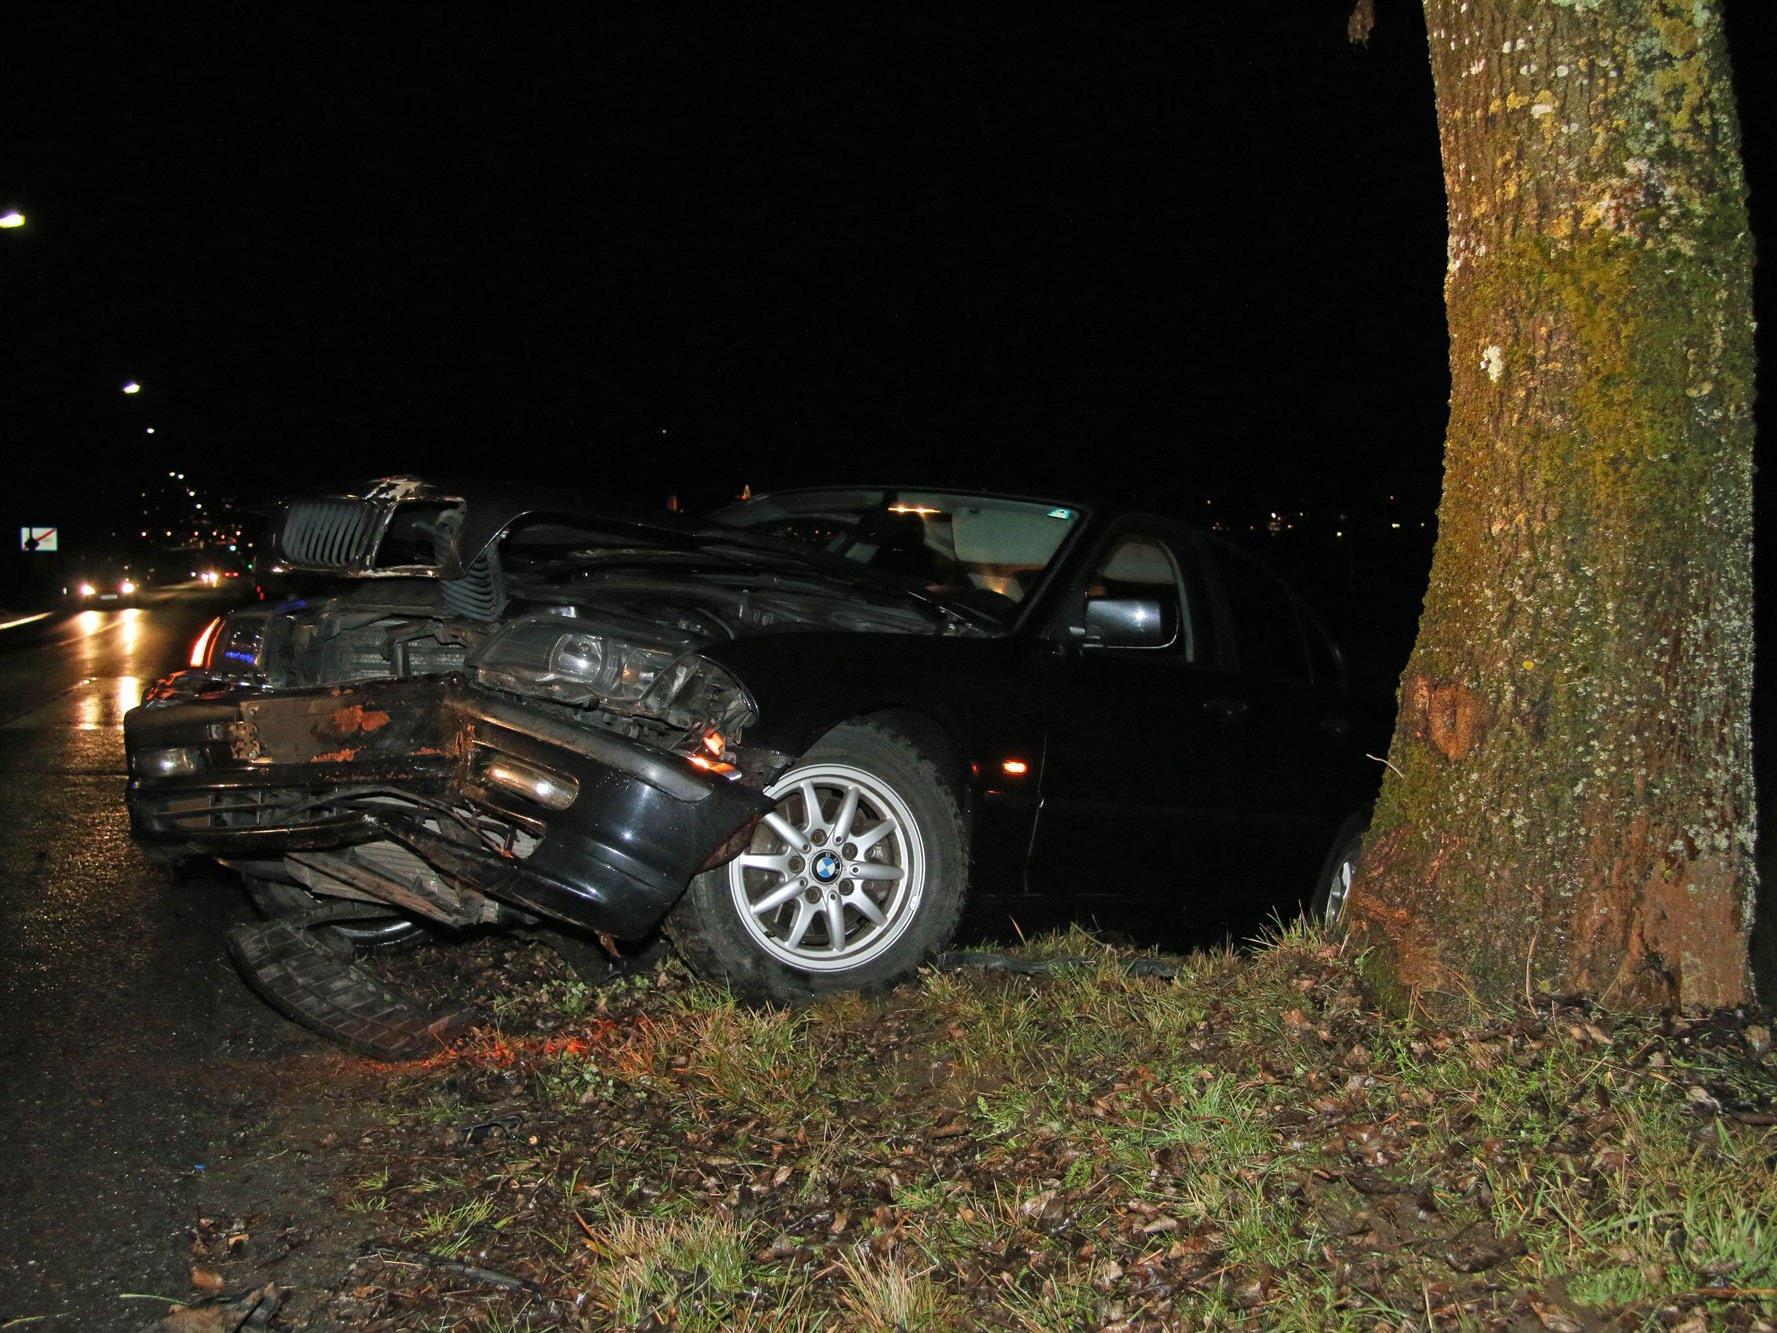 Auto nach Schleuderunfall in Lochau schwer beschädigt - die Insassen blieben unverletzt.